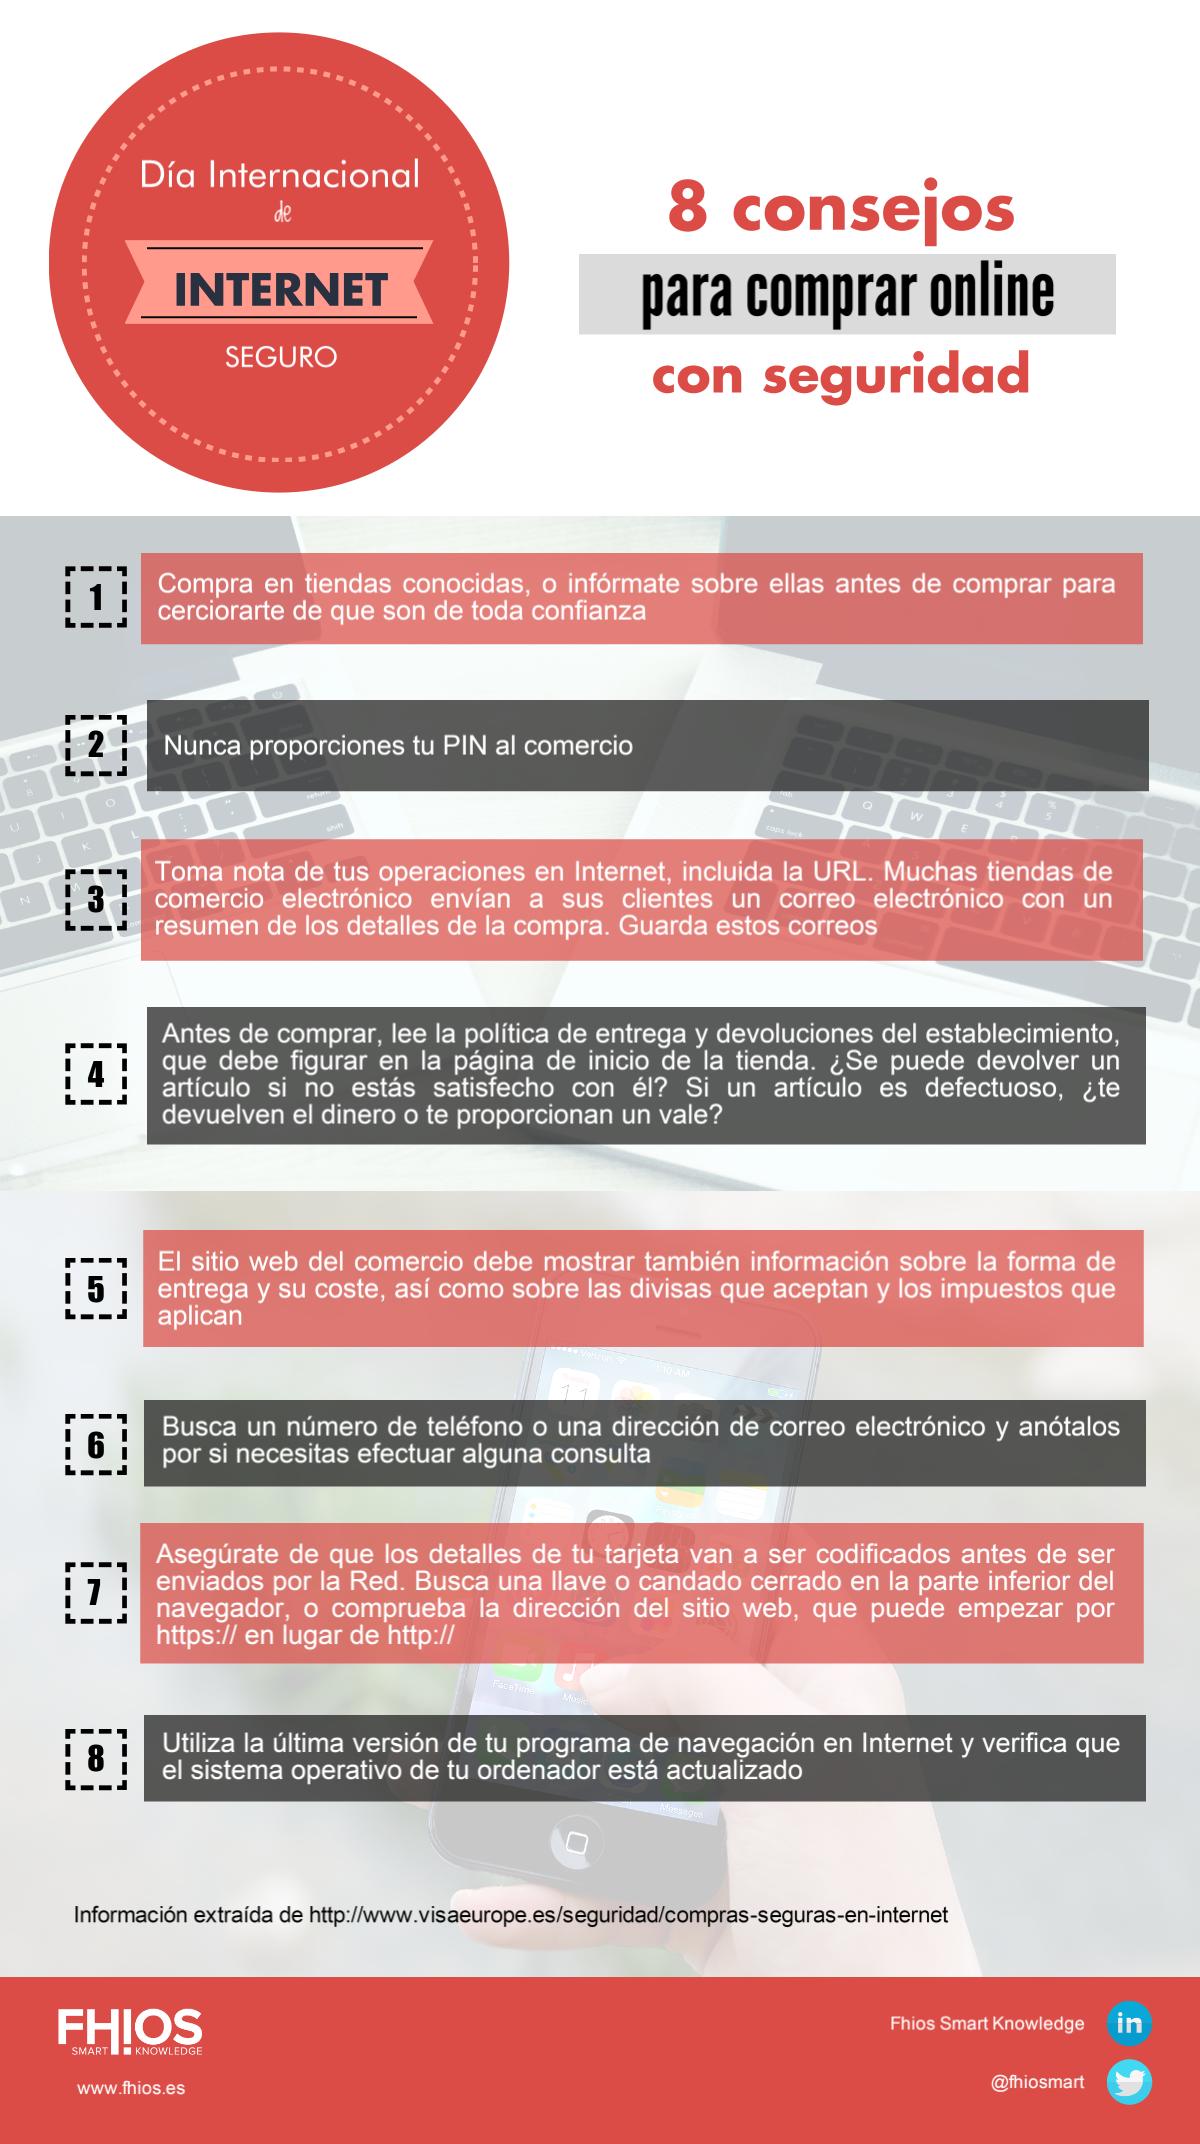 8 consejos para comprar con seguridad en Internet